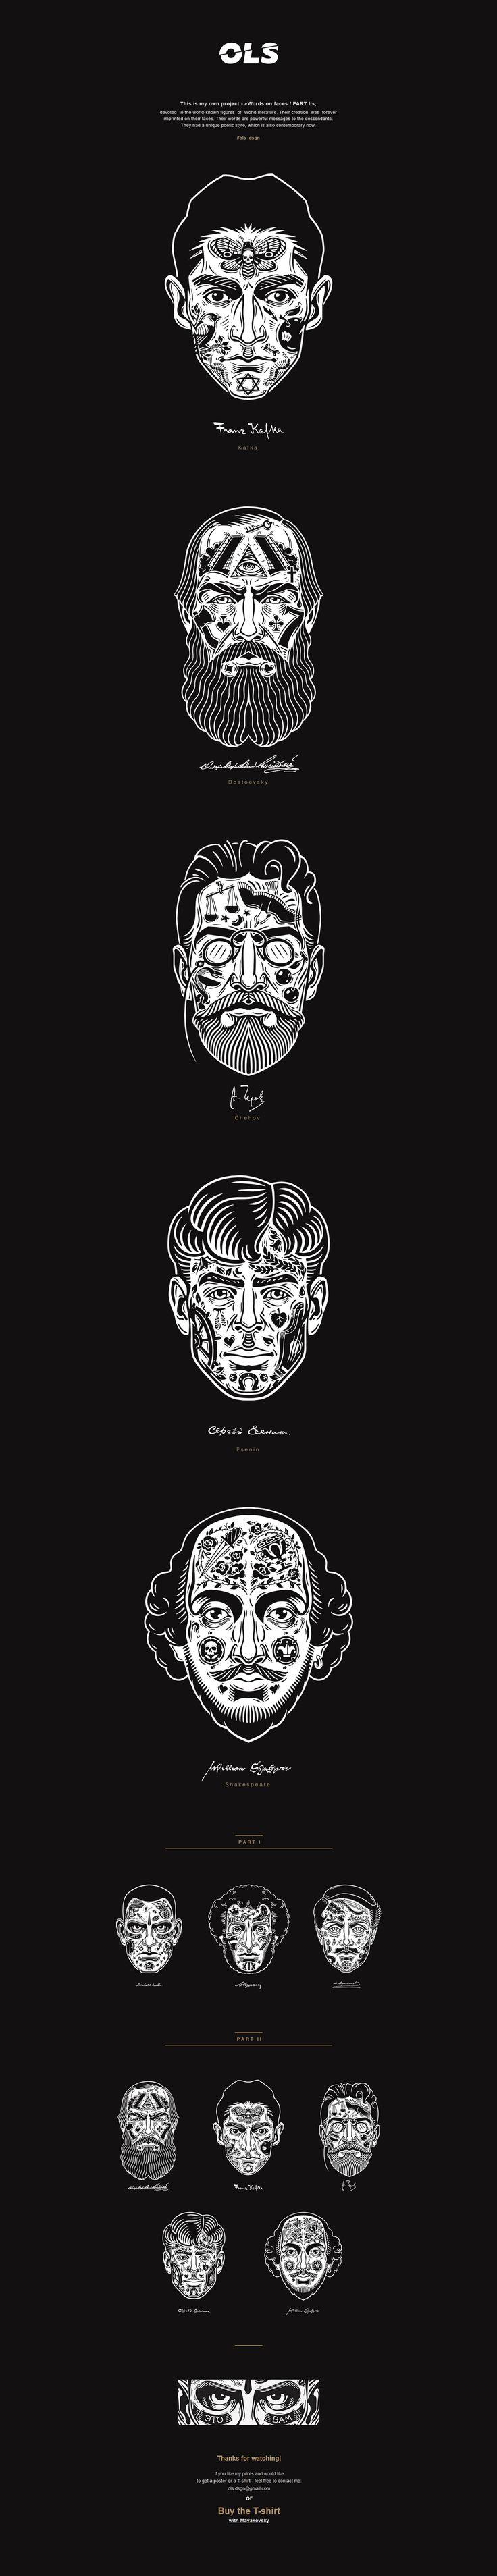 Words on faces / PART II, Illustration © OlesyaBogoley